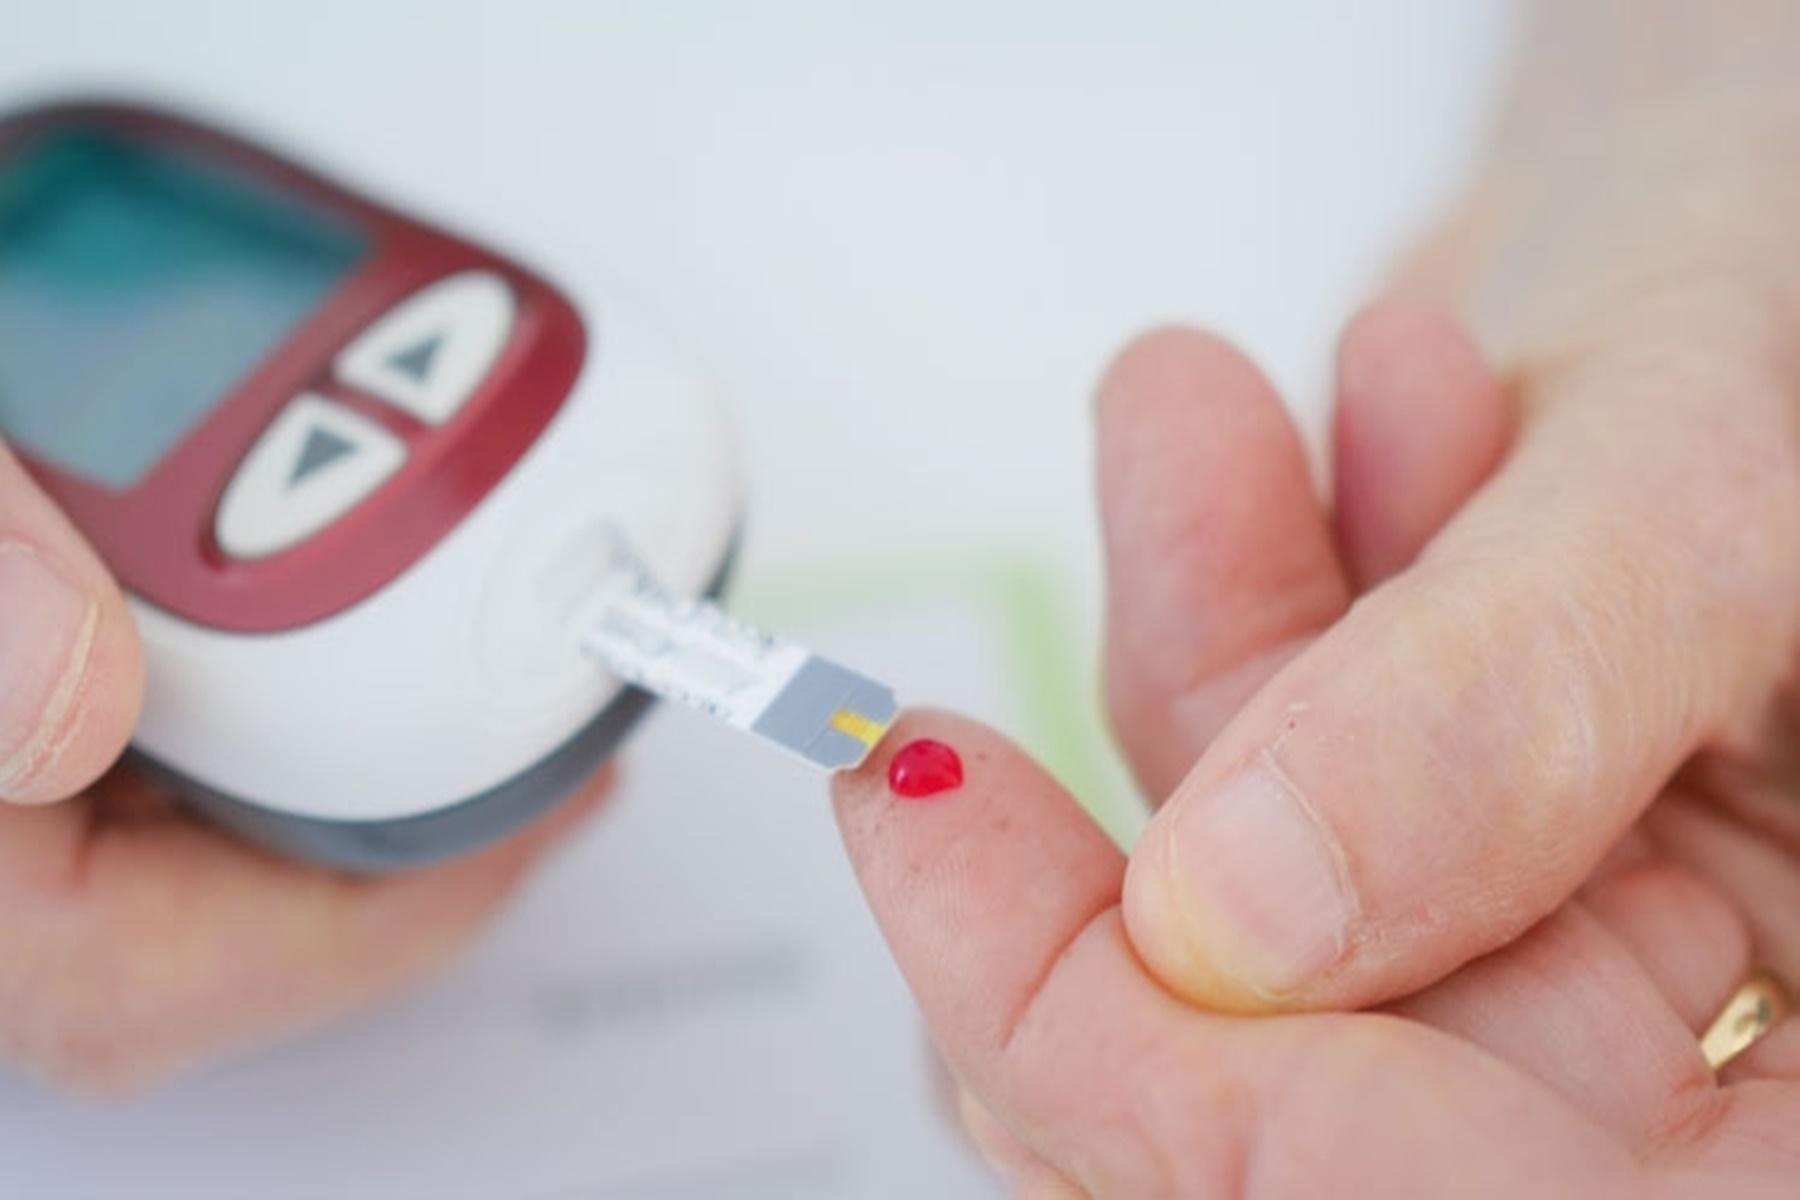 Σακχαρώδης διαβήτης : Η Θεραπεία Σεγμαλουτίδη από 14/06/21 στην Αθήνα